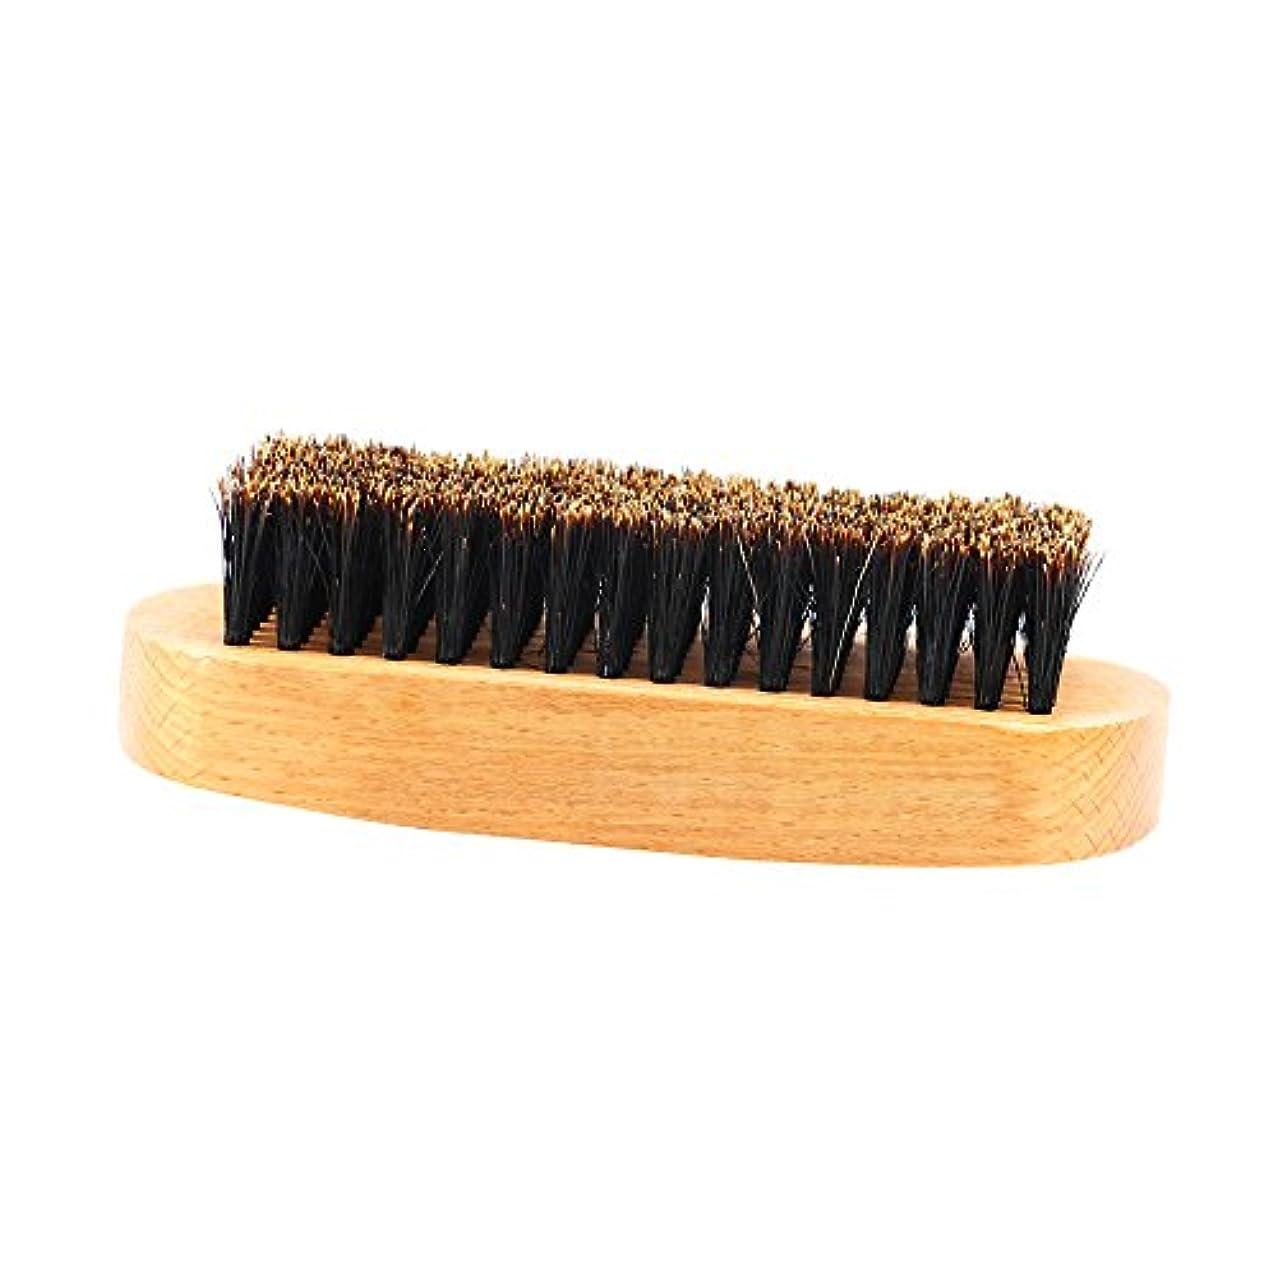 ドットロバ割り当てます人の口ひげのスタイリングの手入れをすることのための木のハンドルのひげのブラシのイノシシの剛毛 - #1